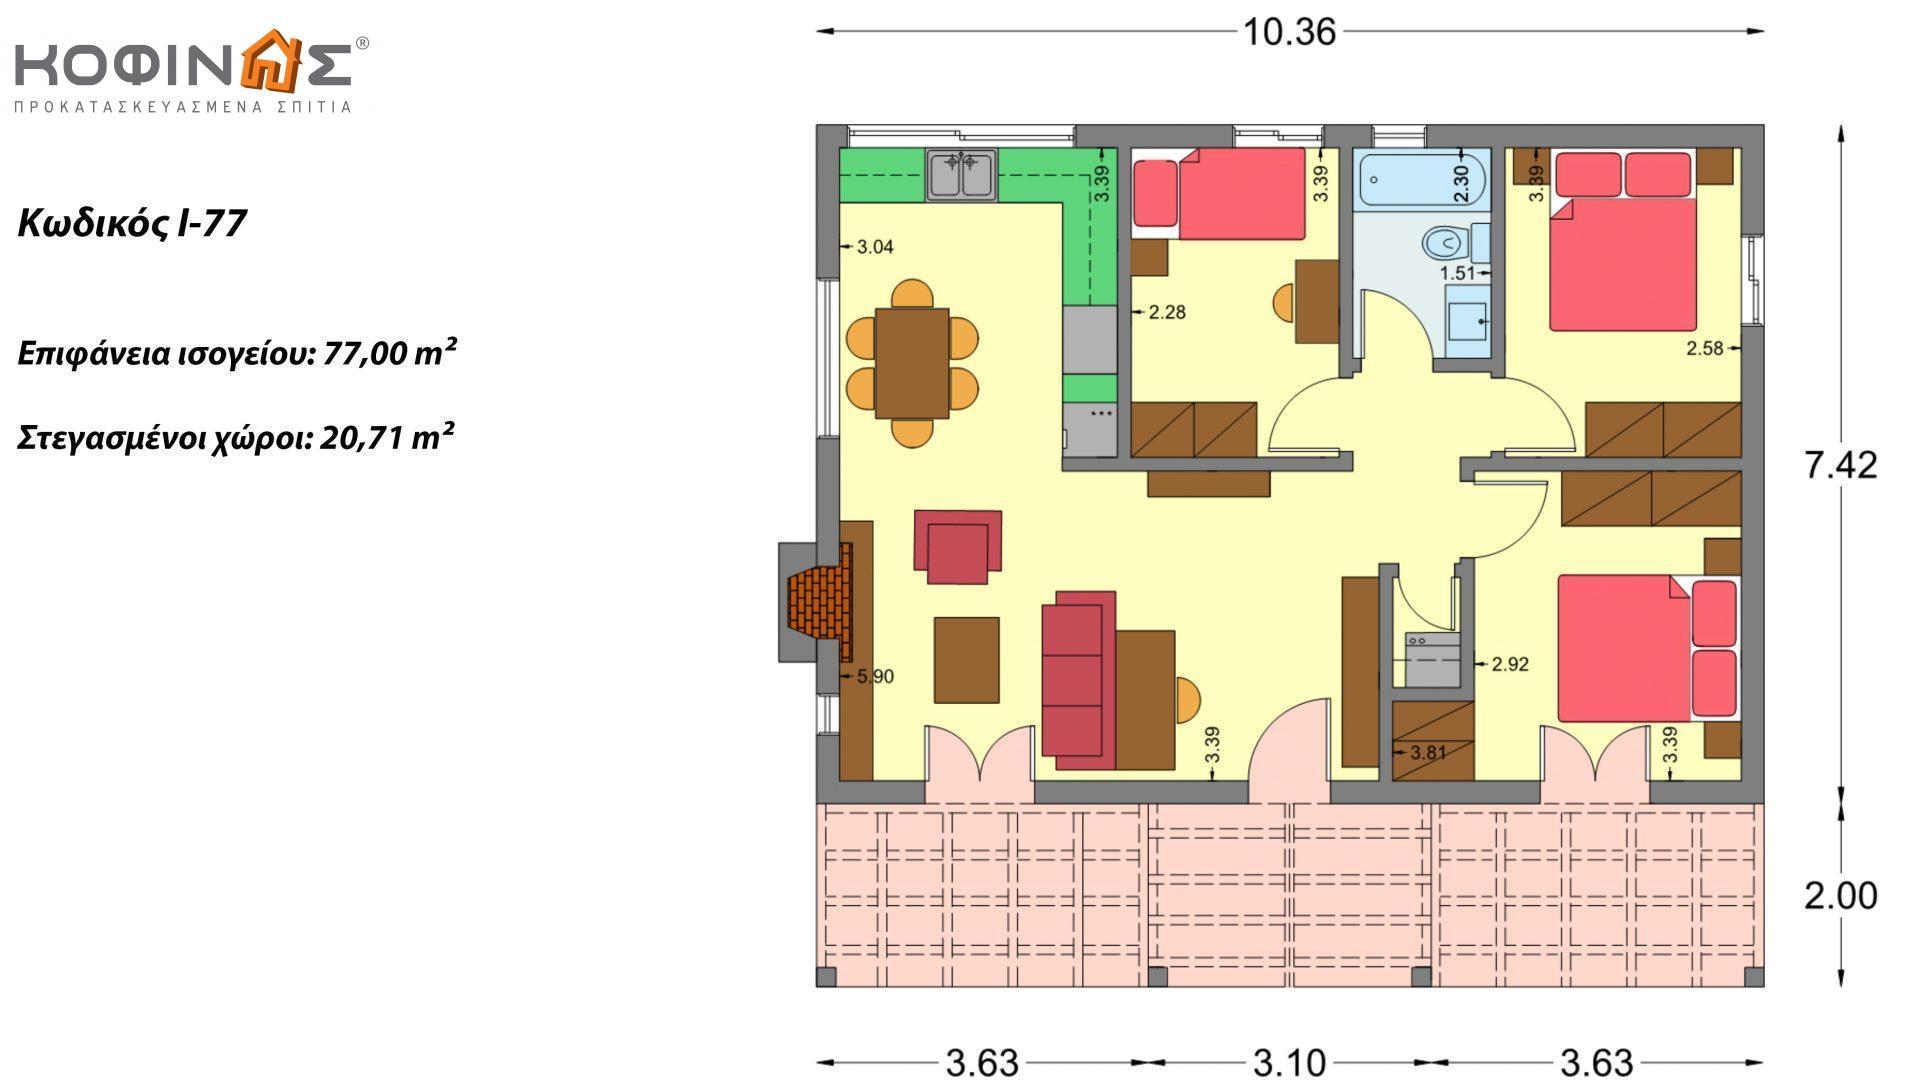 Ισόγεια Κατοικία I-77 συνολικής επιφάνειας 77,00 τ.μ., στεγασμένοι χώροι 20,71 τ.μ